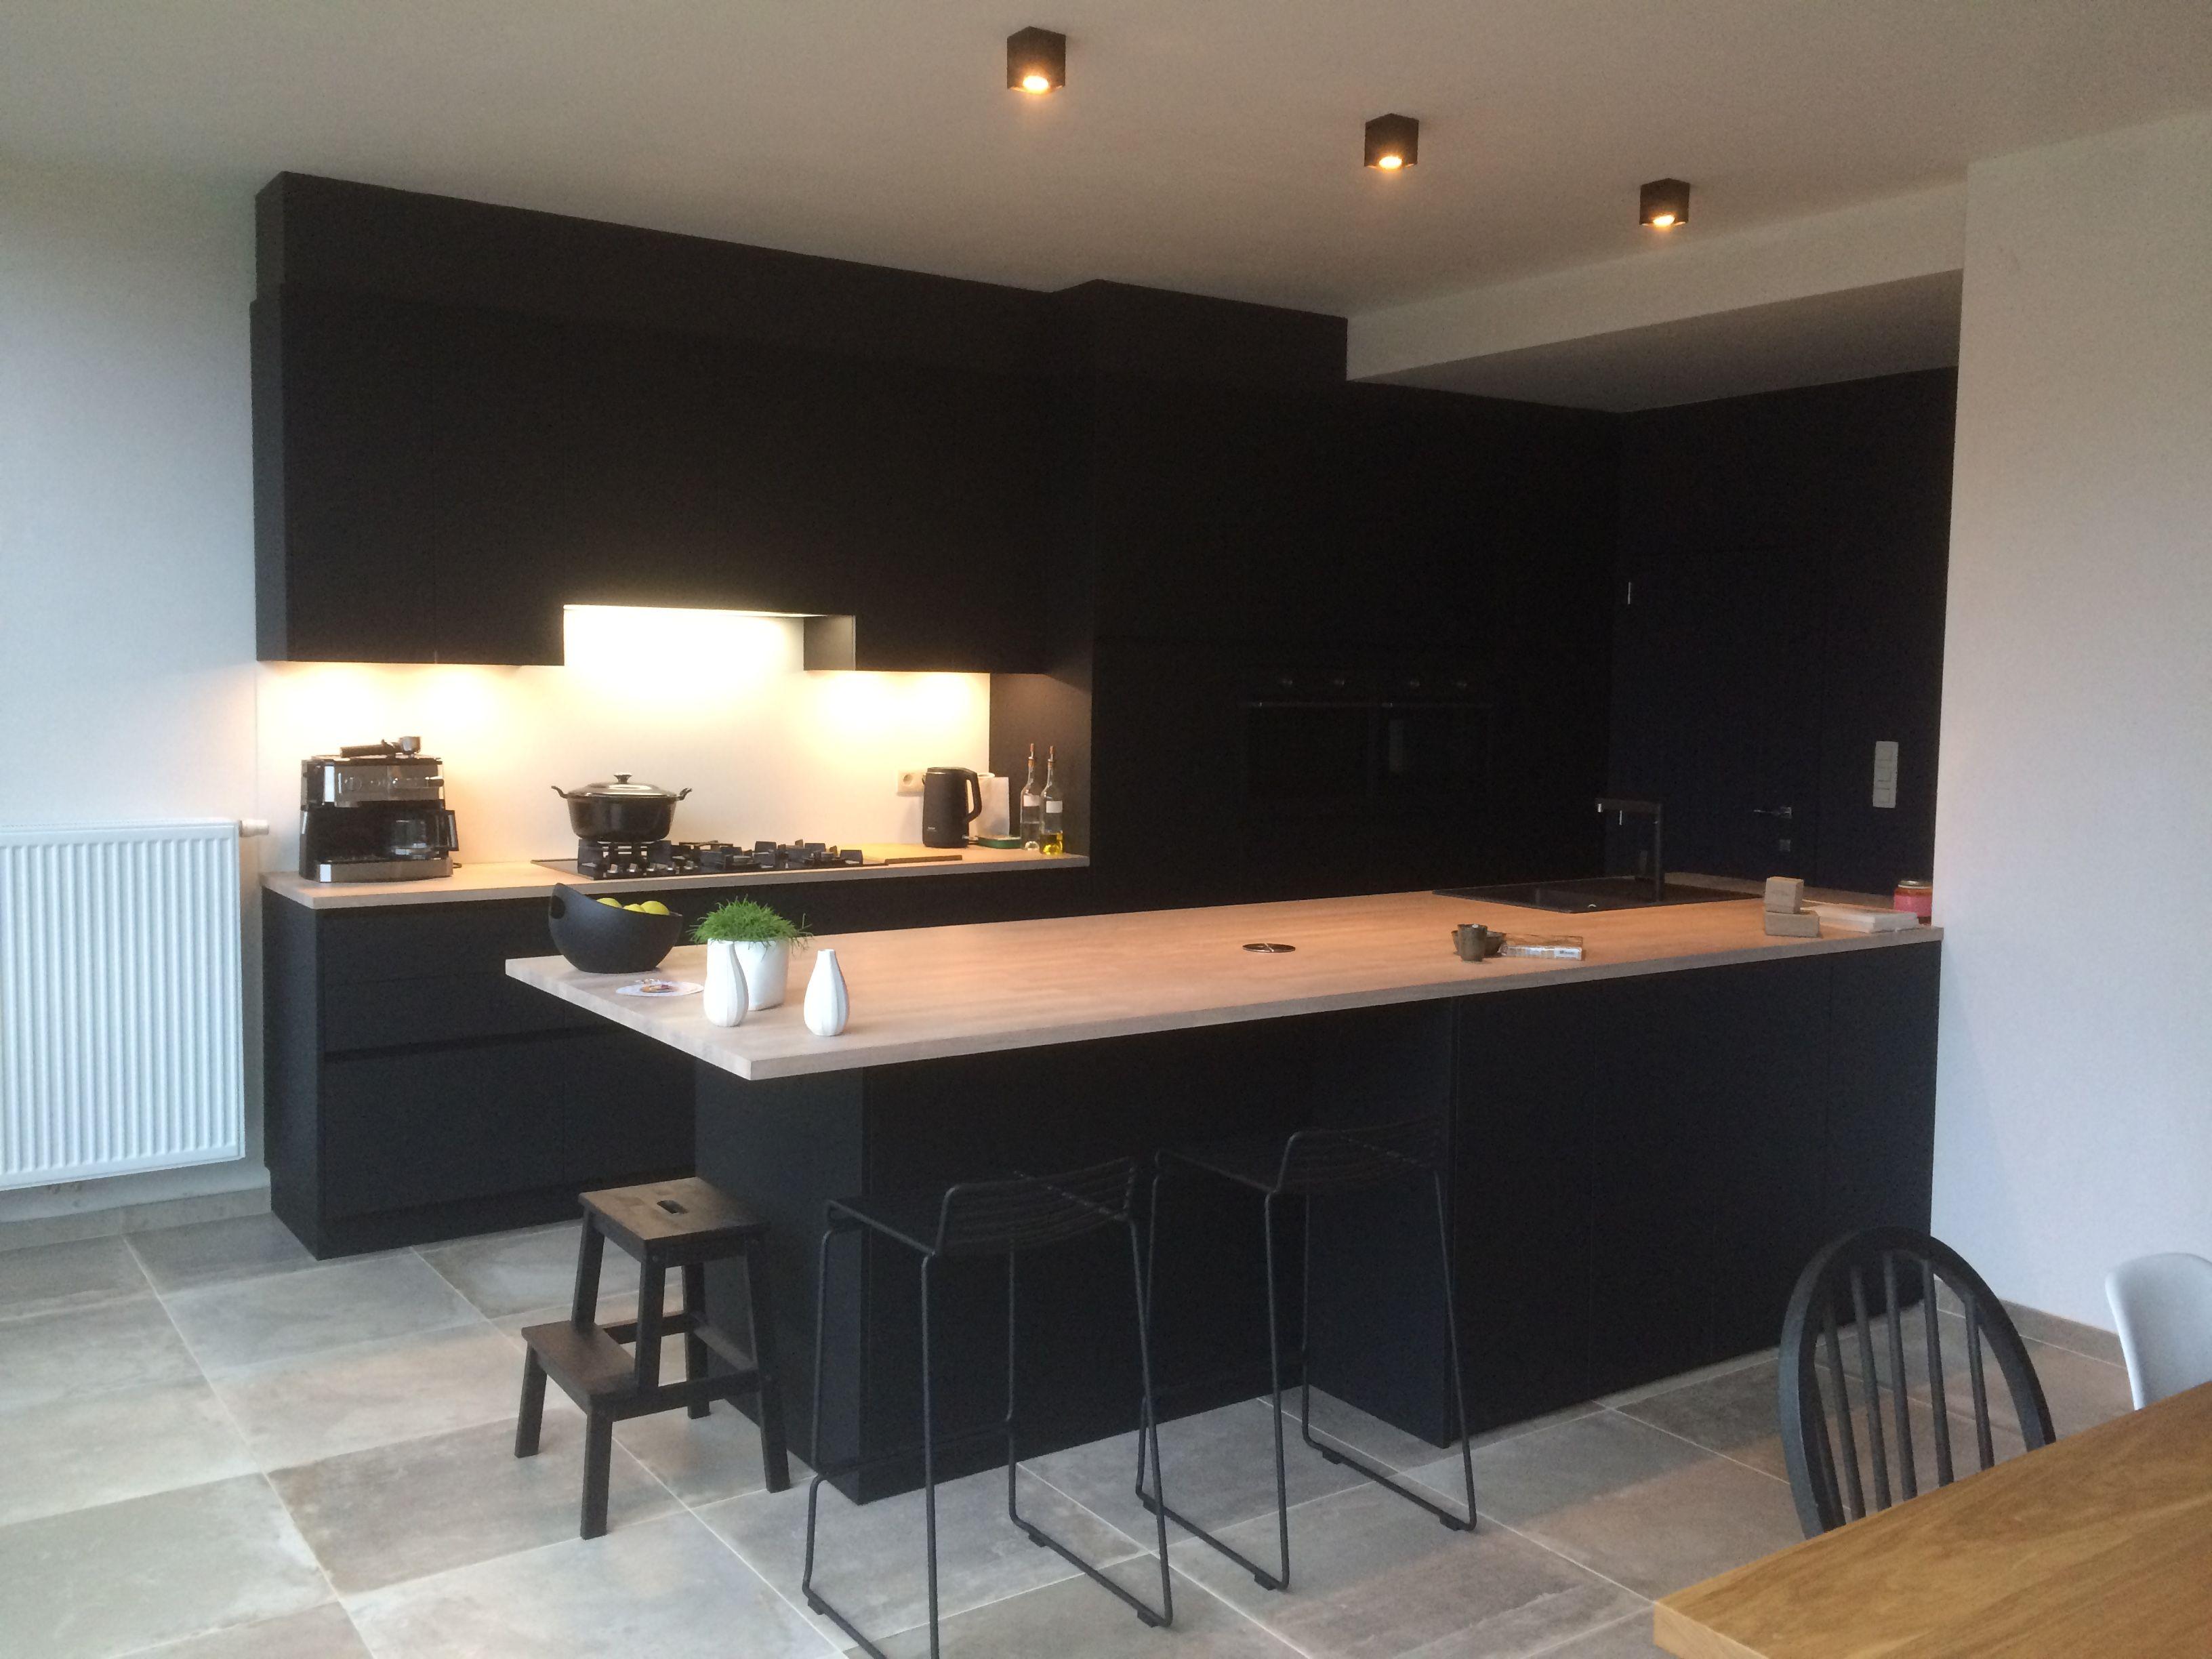 Moderne Zwarte Keuken Met Massief Houten Werkblad Op Maat Gemaakt Door Ferzo Keukens Keuken Op Maat Houten Werkbladen